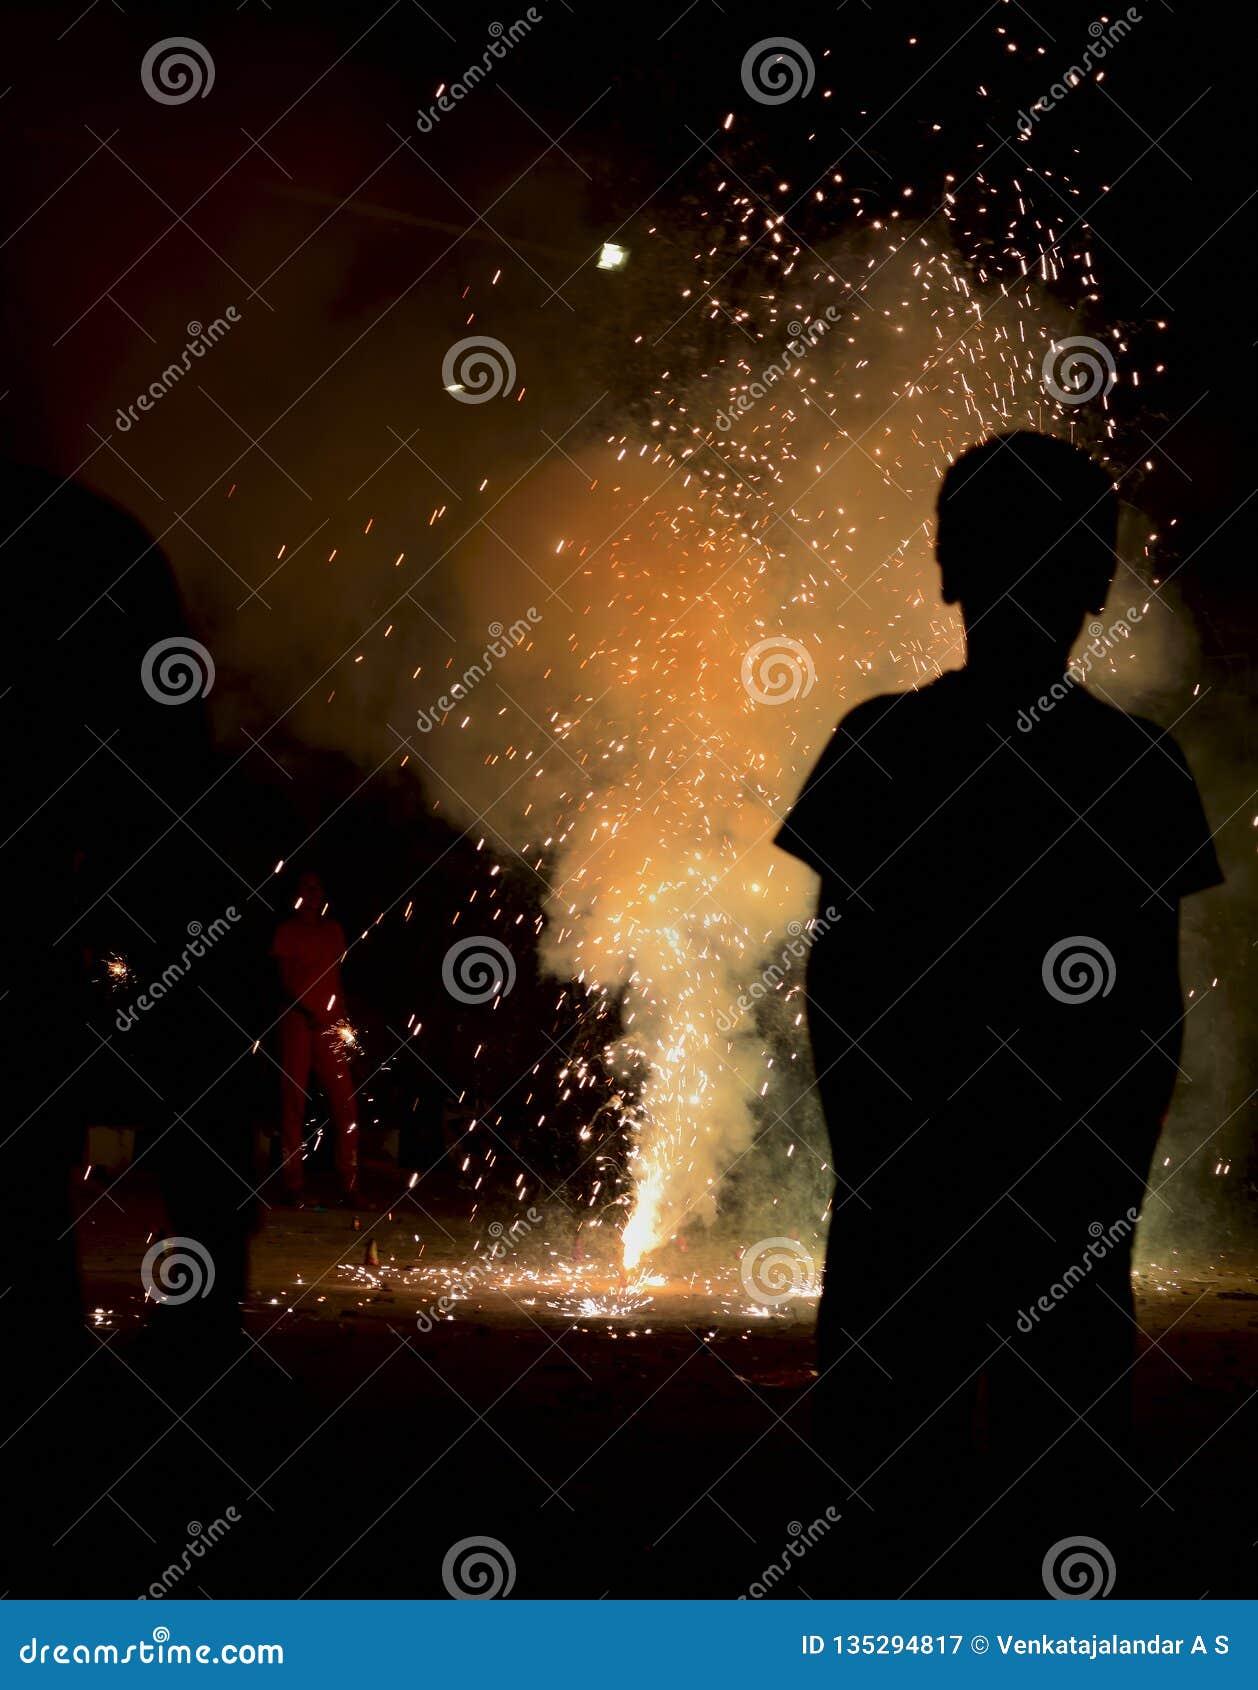 Фестиваль огней в фейерверках Индии - Diwali